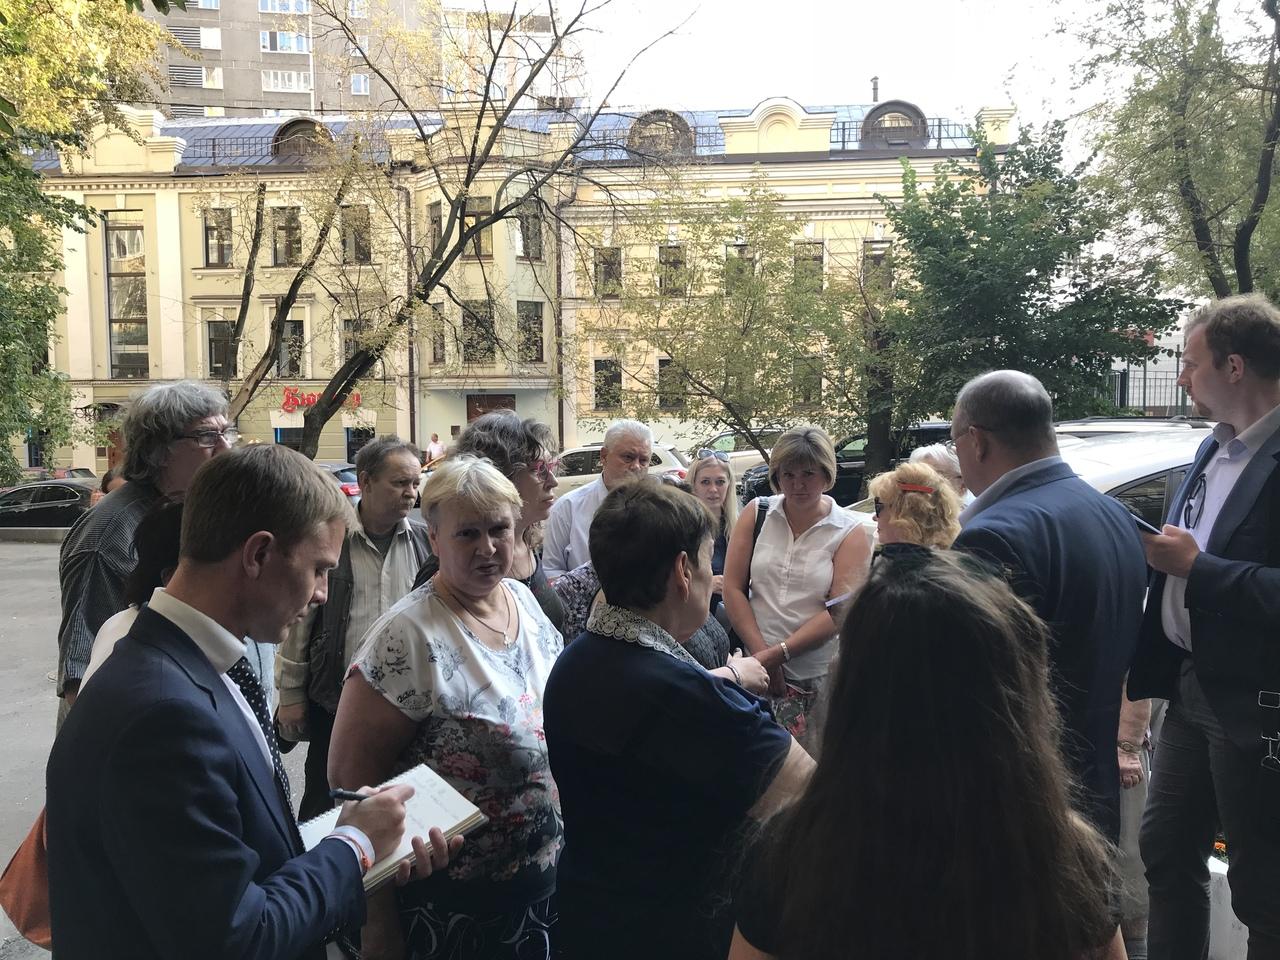 Глава управы встретился с жителями района в Докучаевом переулке. Фото: официальная страница Сергея Носкова в социальных сетях